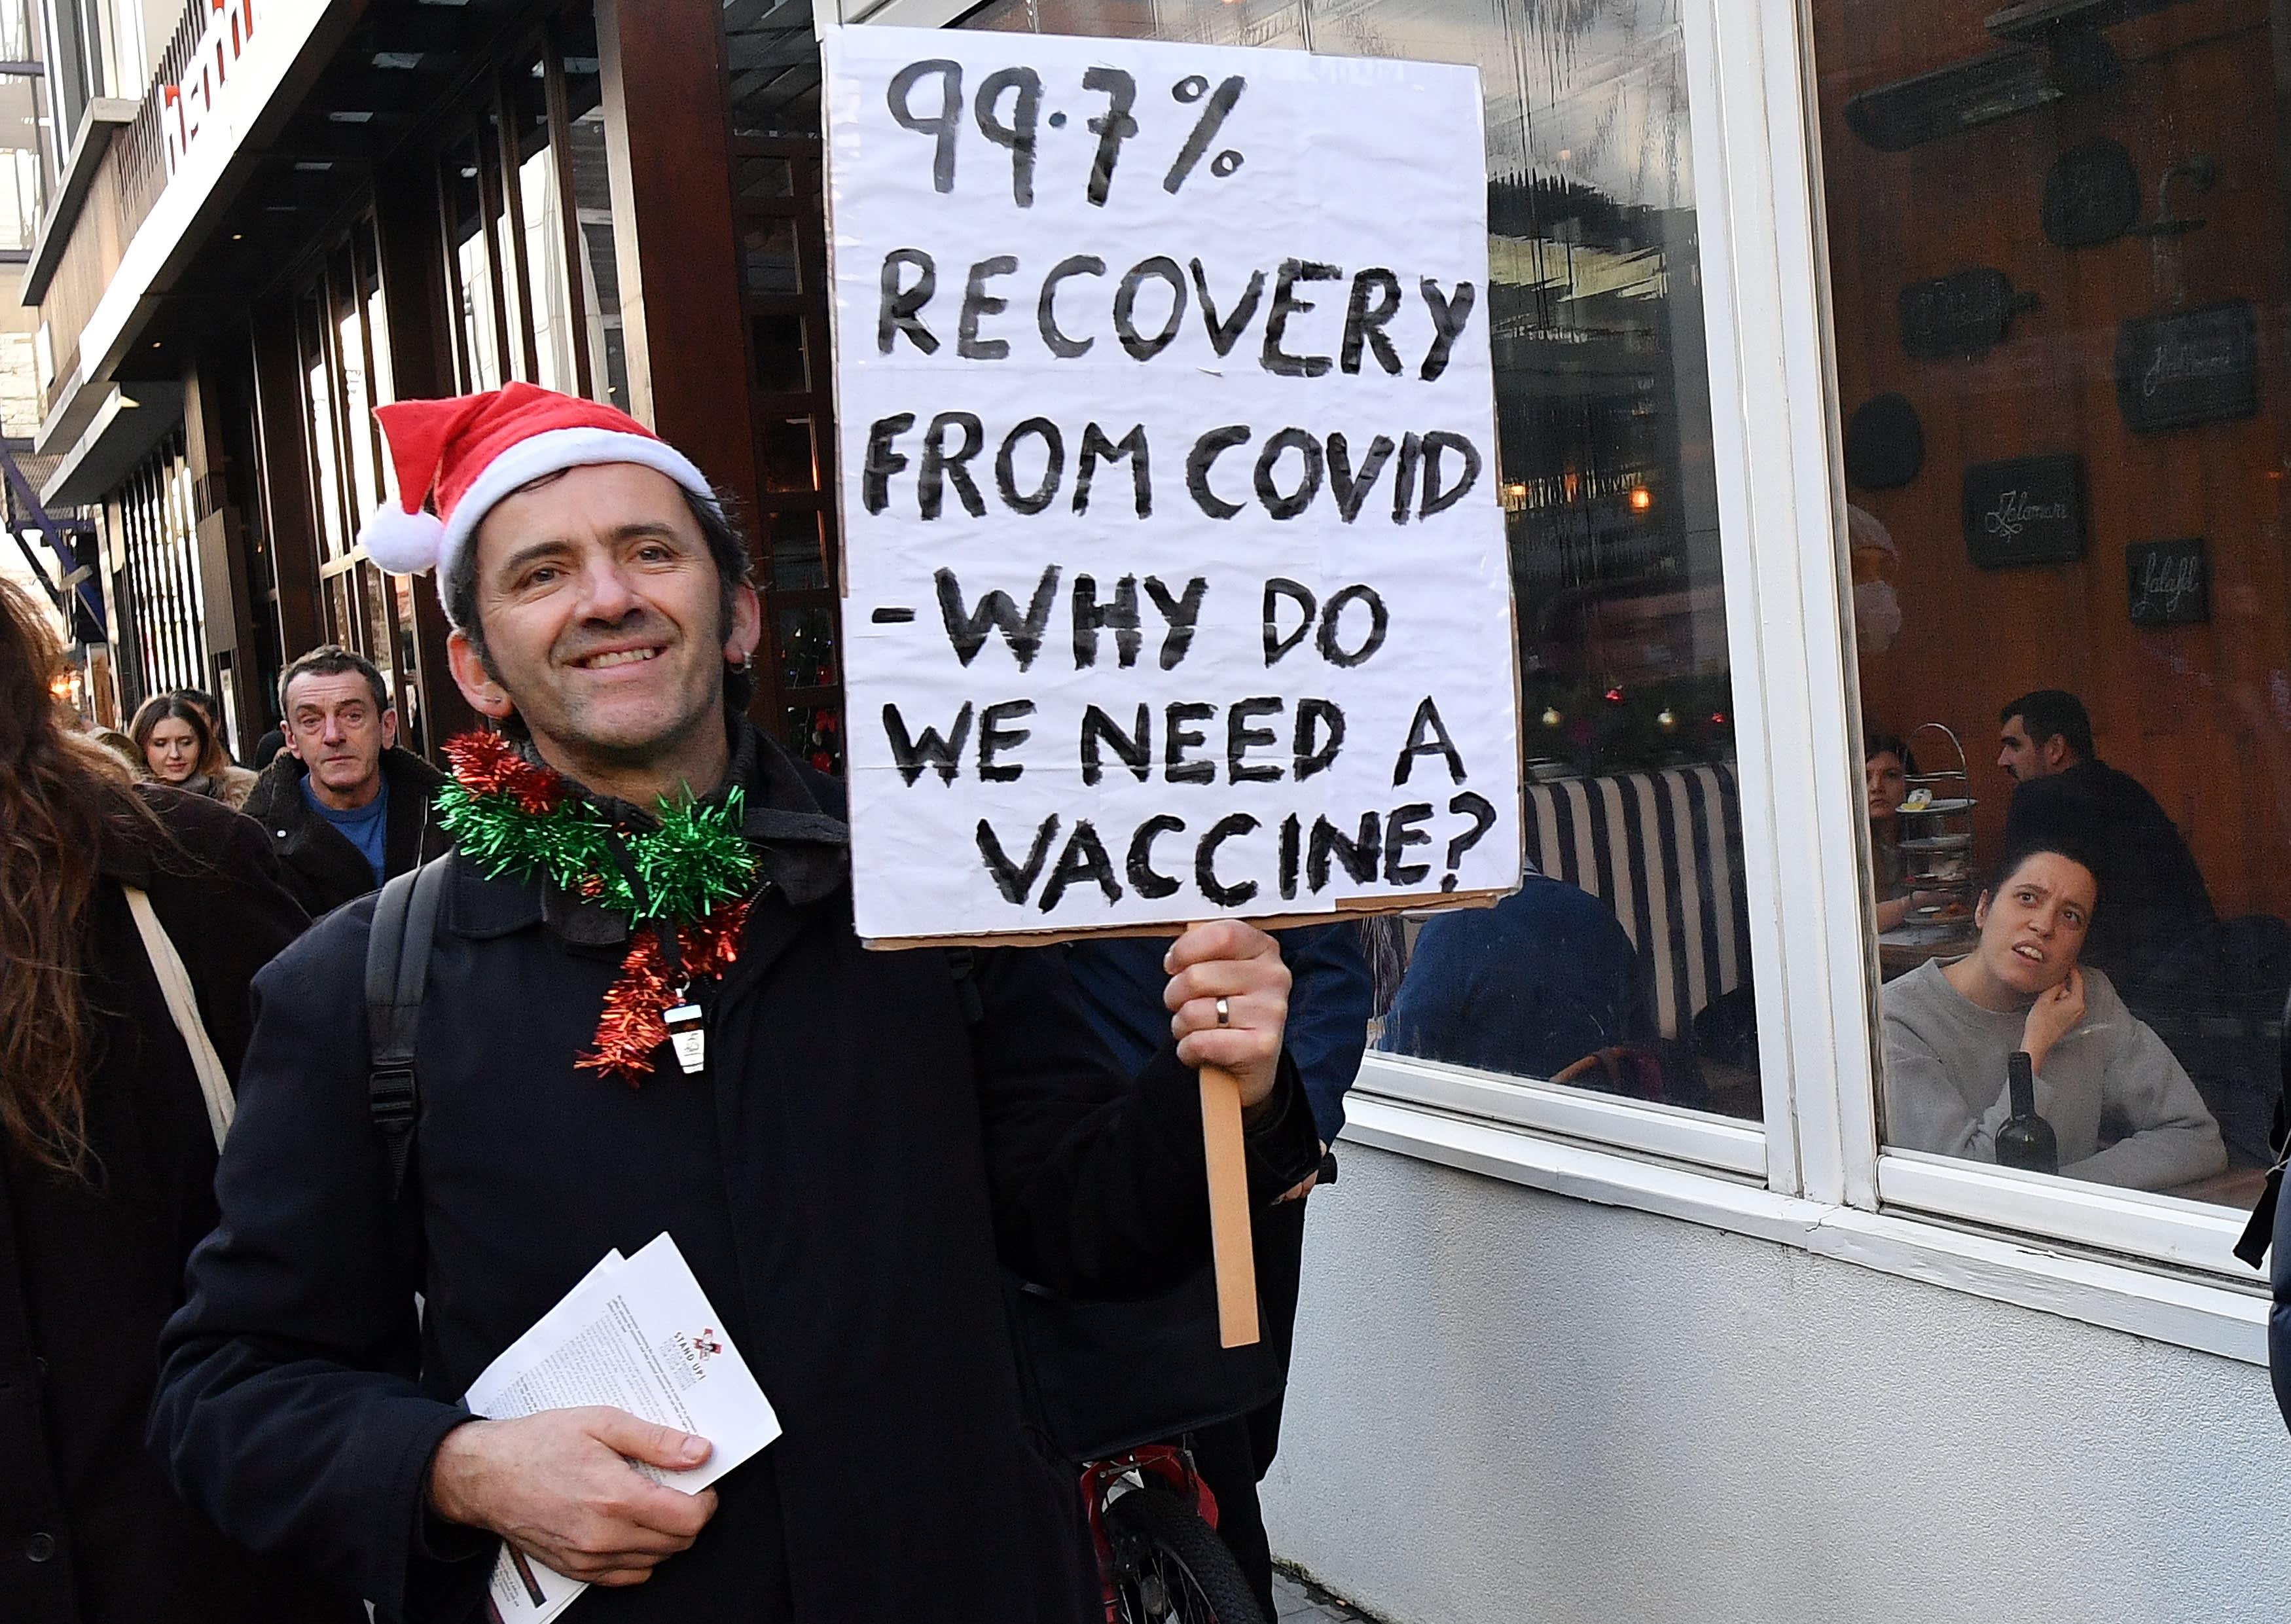 Ein Sturm kommt auf!? Was Menschen möglicherweise nicht machen dürfen, wenn sie sich nicht impfen lassen